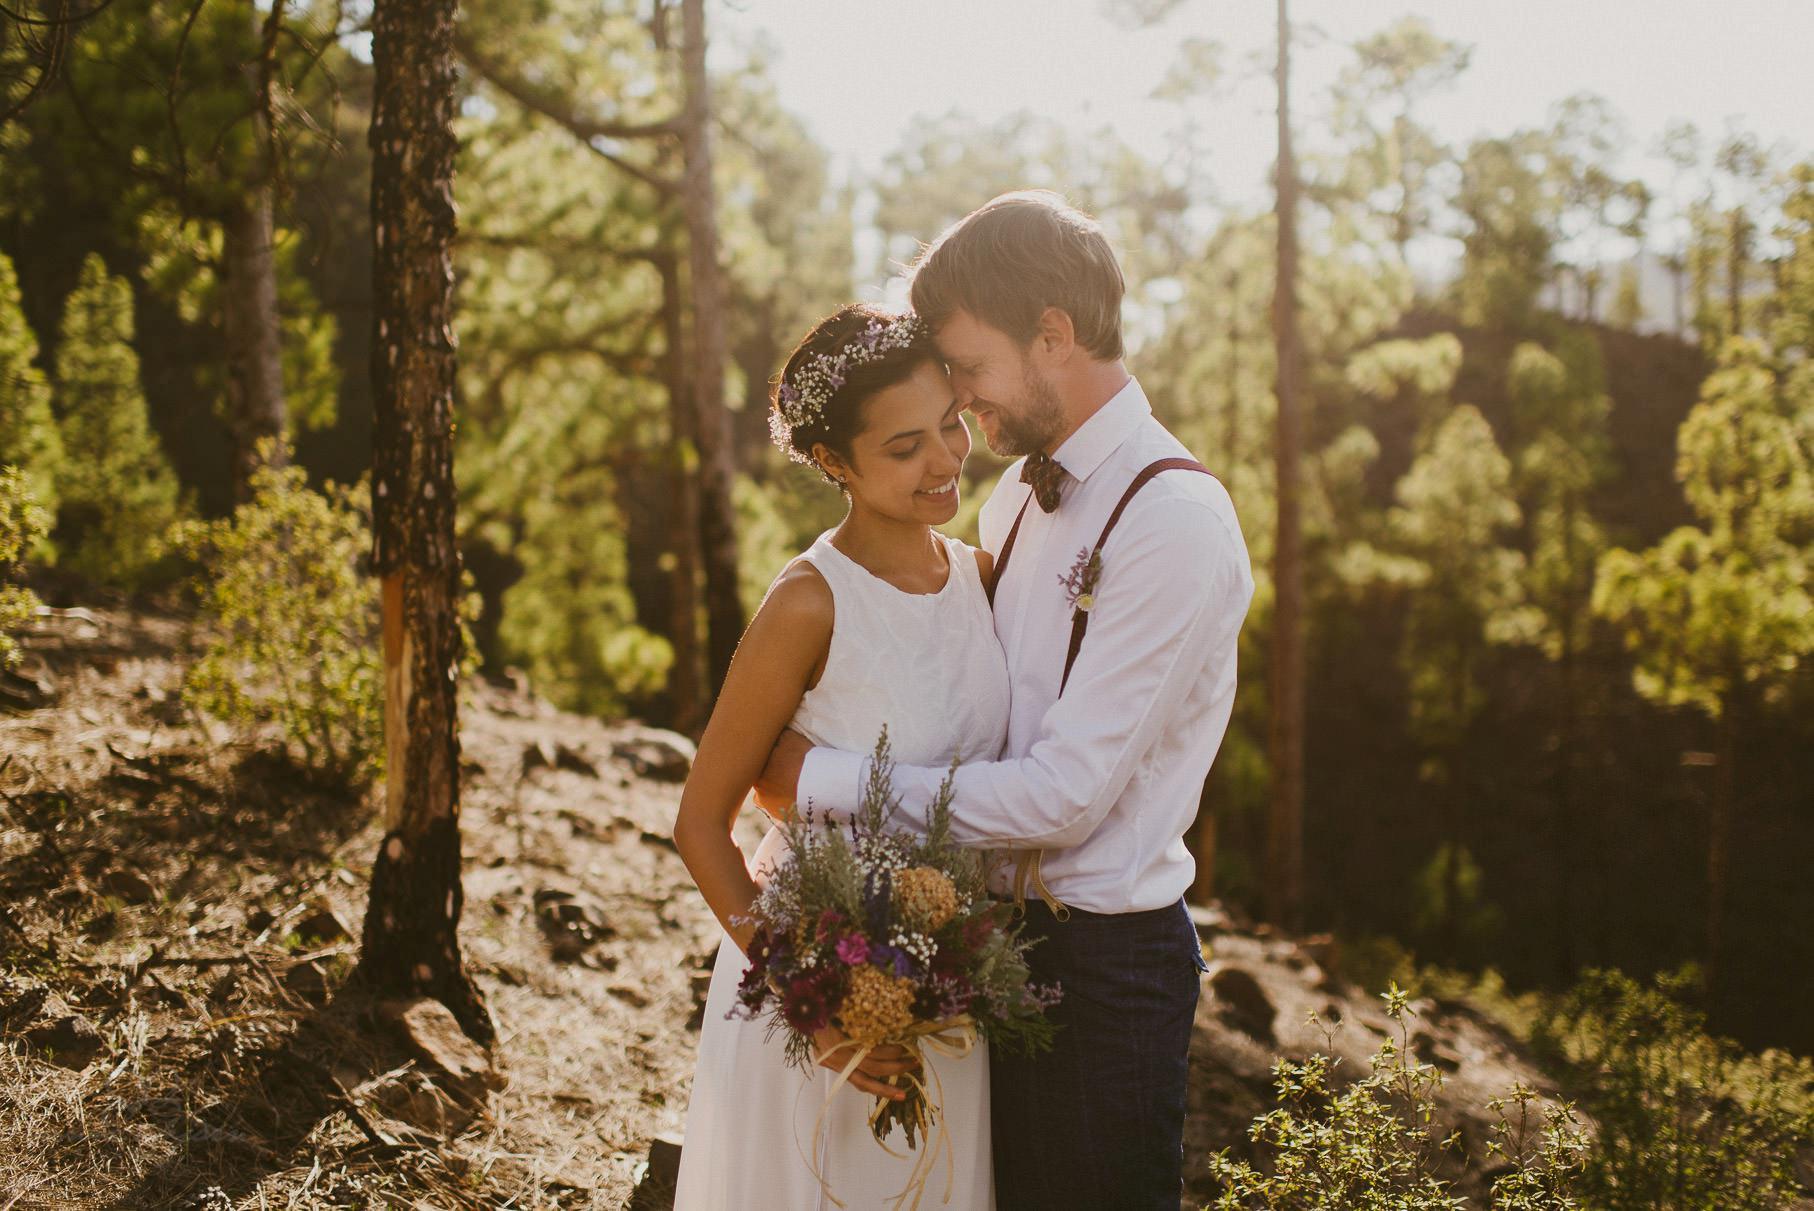 0093 lug d75 6867 bearbeitet 3 - Hochzeit auf Gran Canaria - Linda & Gerald (Elopement)